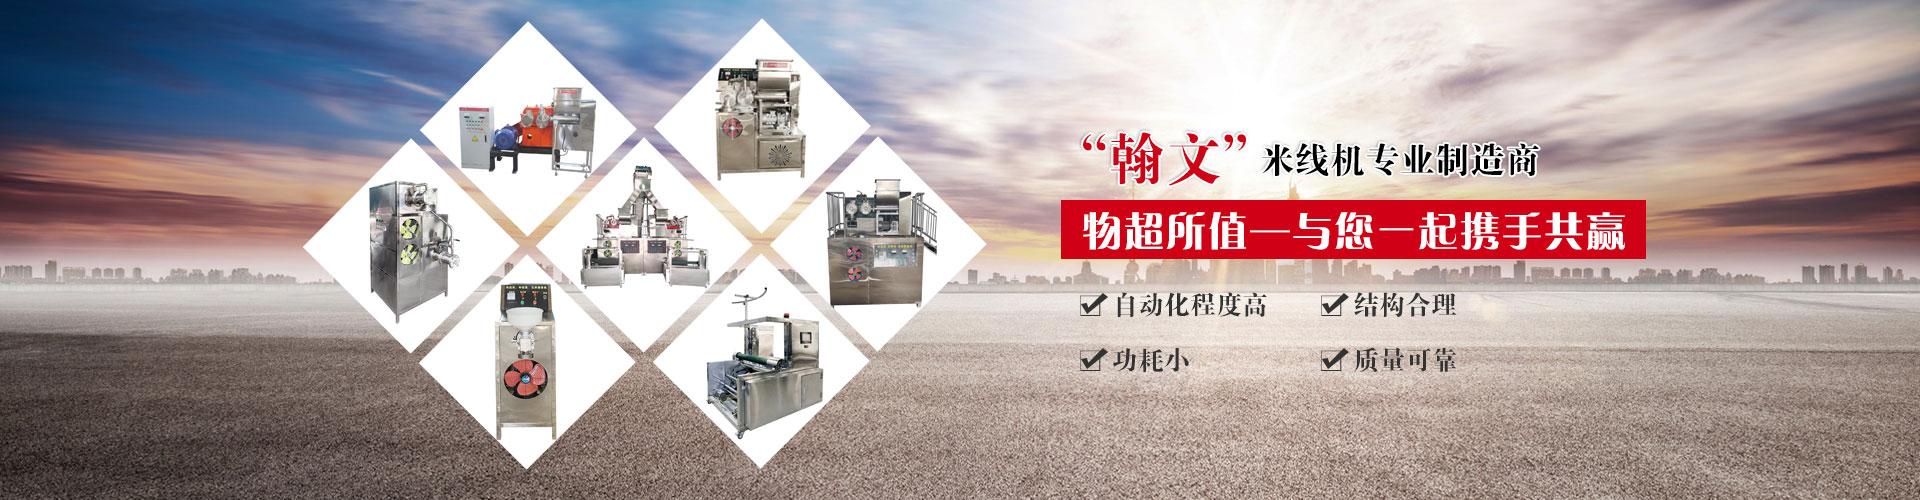 郑州翰文机械主要生产米线机,小型米线机,自熟米线机,全自动米线机,一步成型米线机